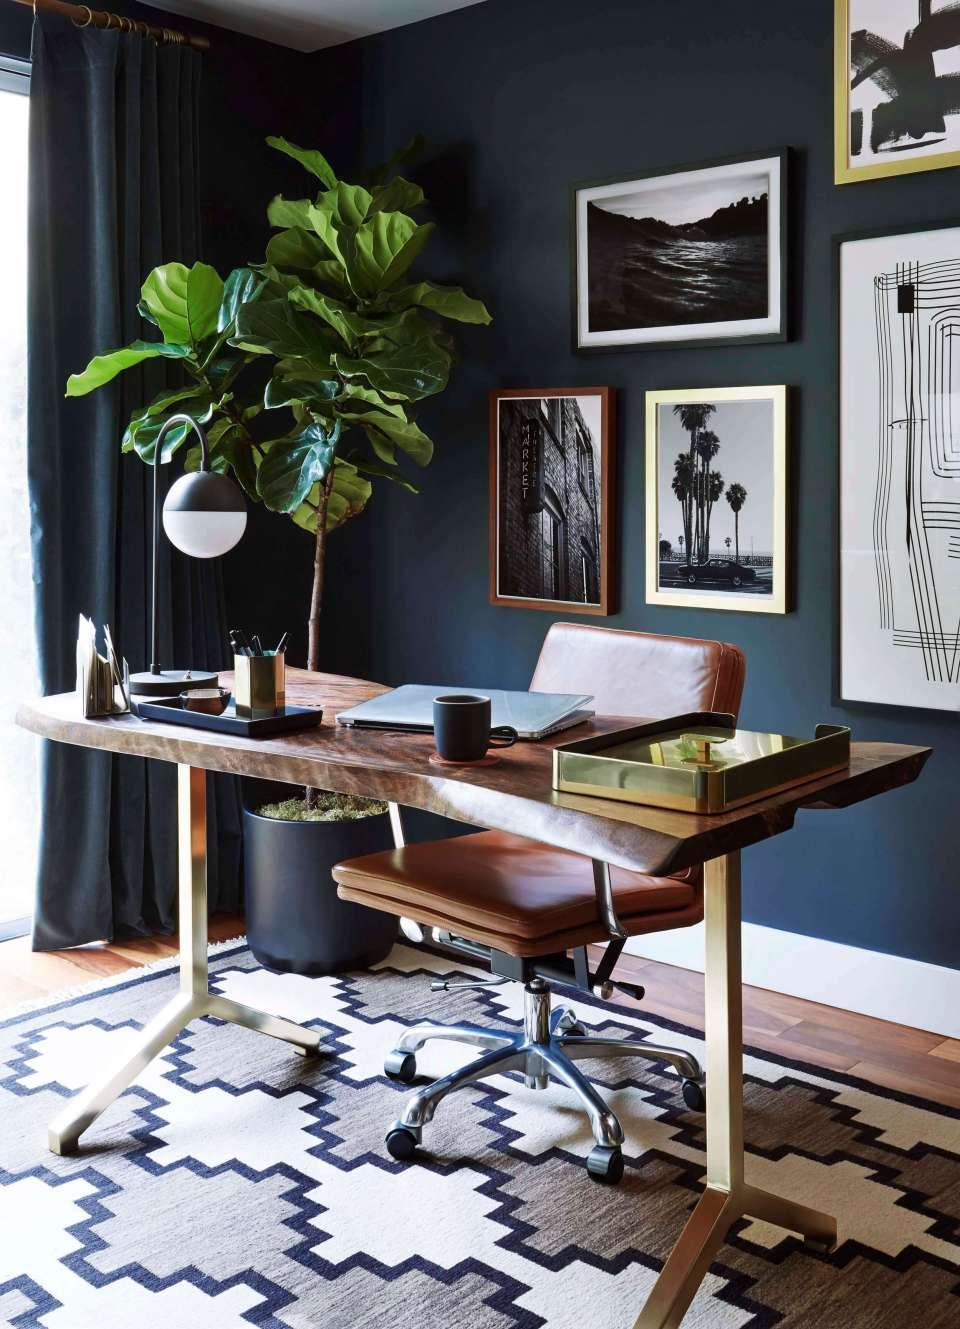 Синьото и сивото привличат успеха в бизнеса и са подходящи за кабинет.